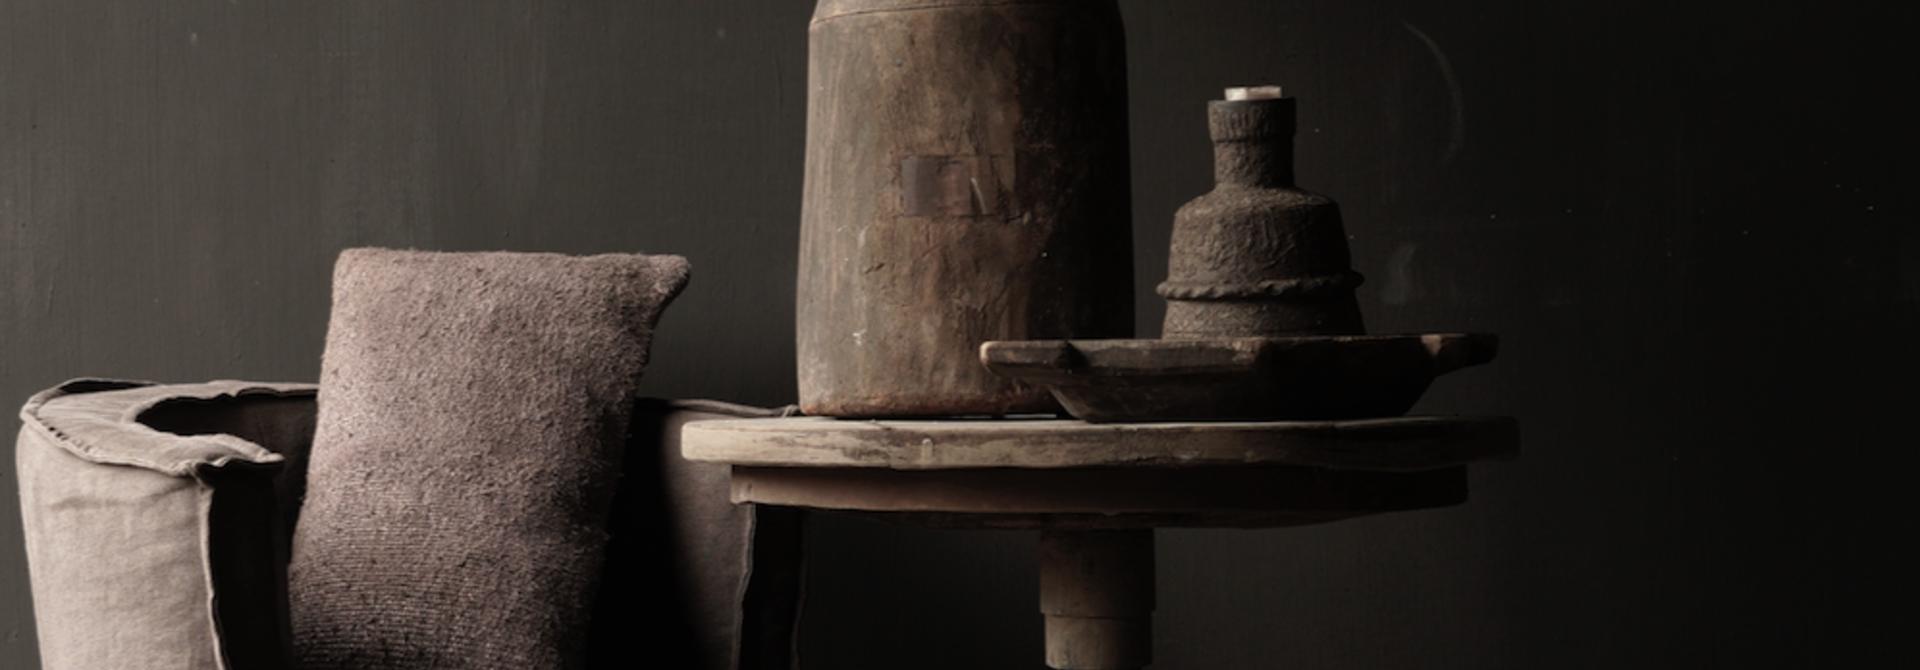 Robuster robuster runder Weintisch aus altem Altholz 60cm